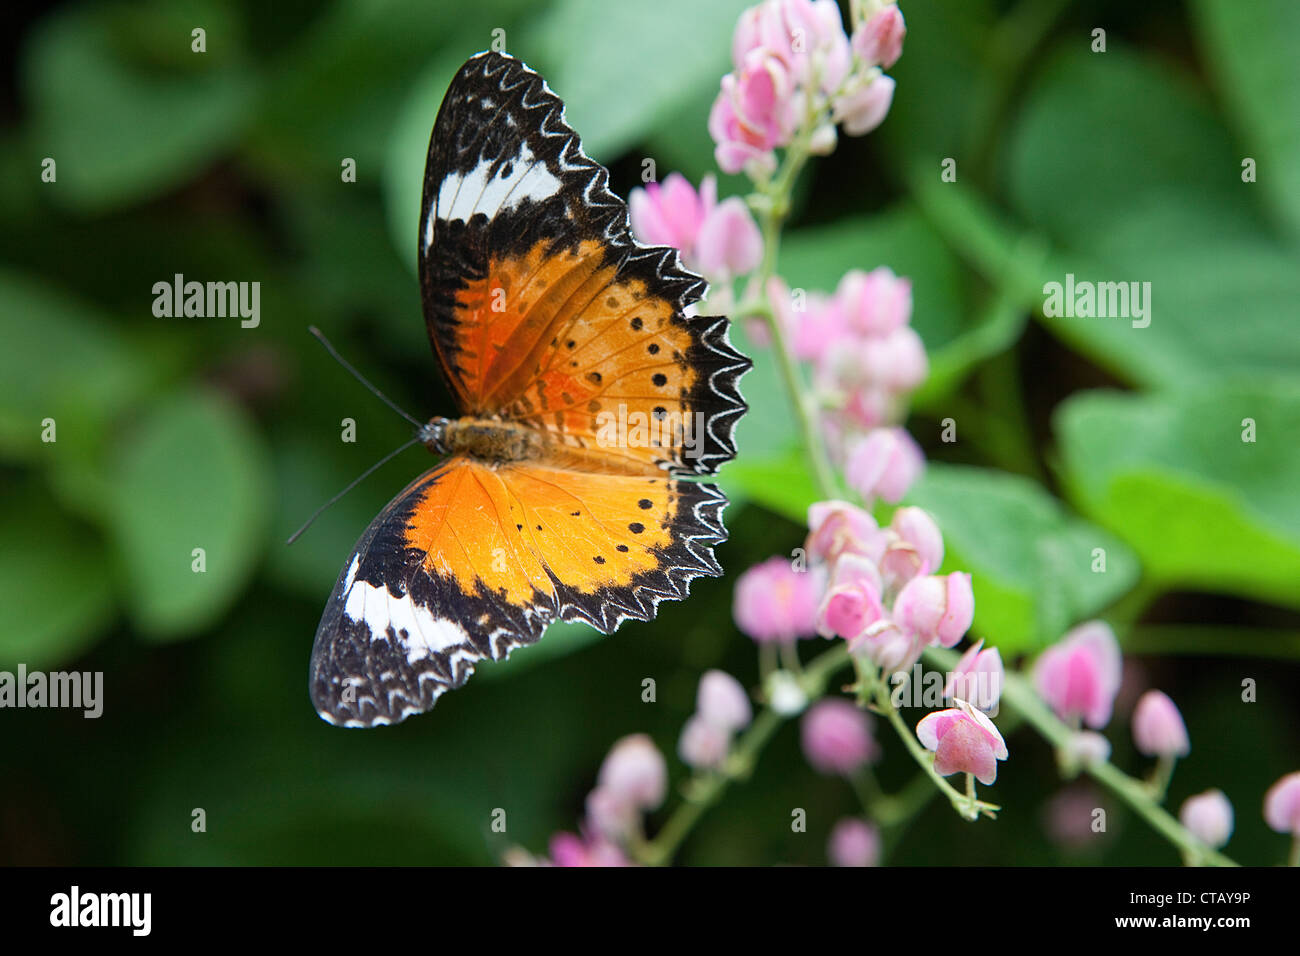 Butterfly al tropical butterfly farm sull isola di Penang, stato di Penang, Malaysia, sud-est asiatico Immagini Stock